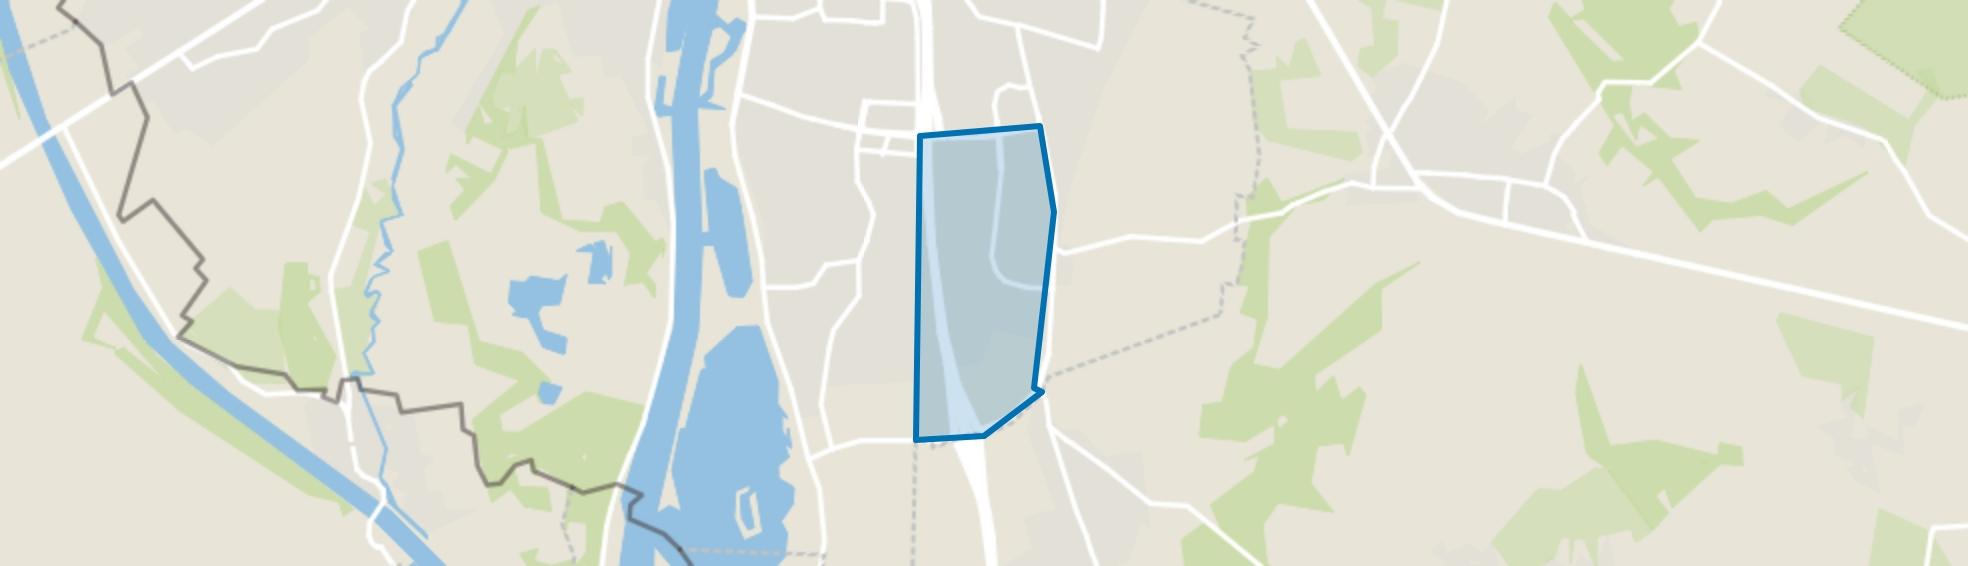 De Heeg, Maastricht map